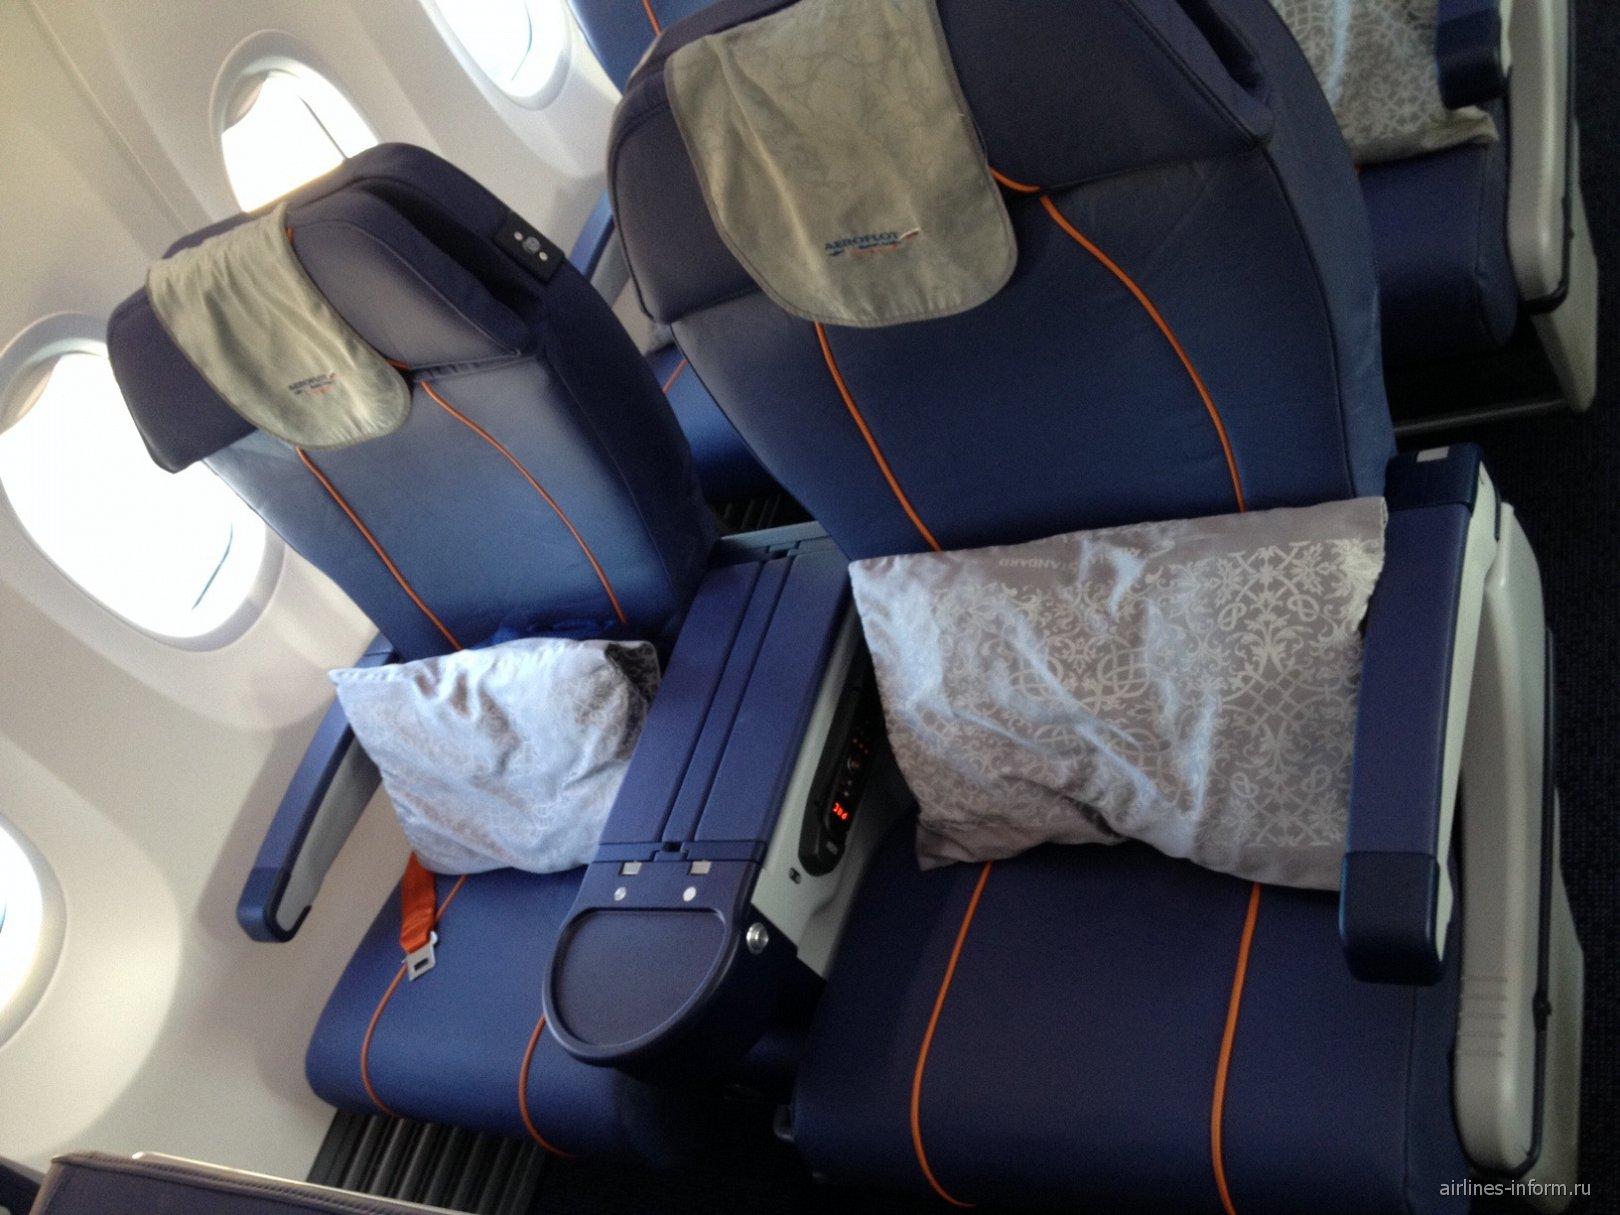 Кресла бизнес-класса в самолете Боинг-737-800 Аэрофлота